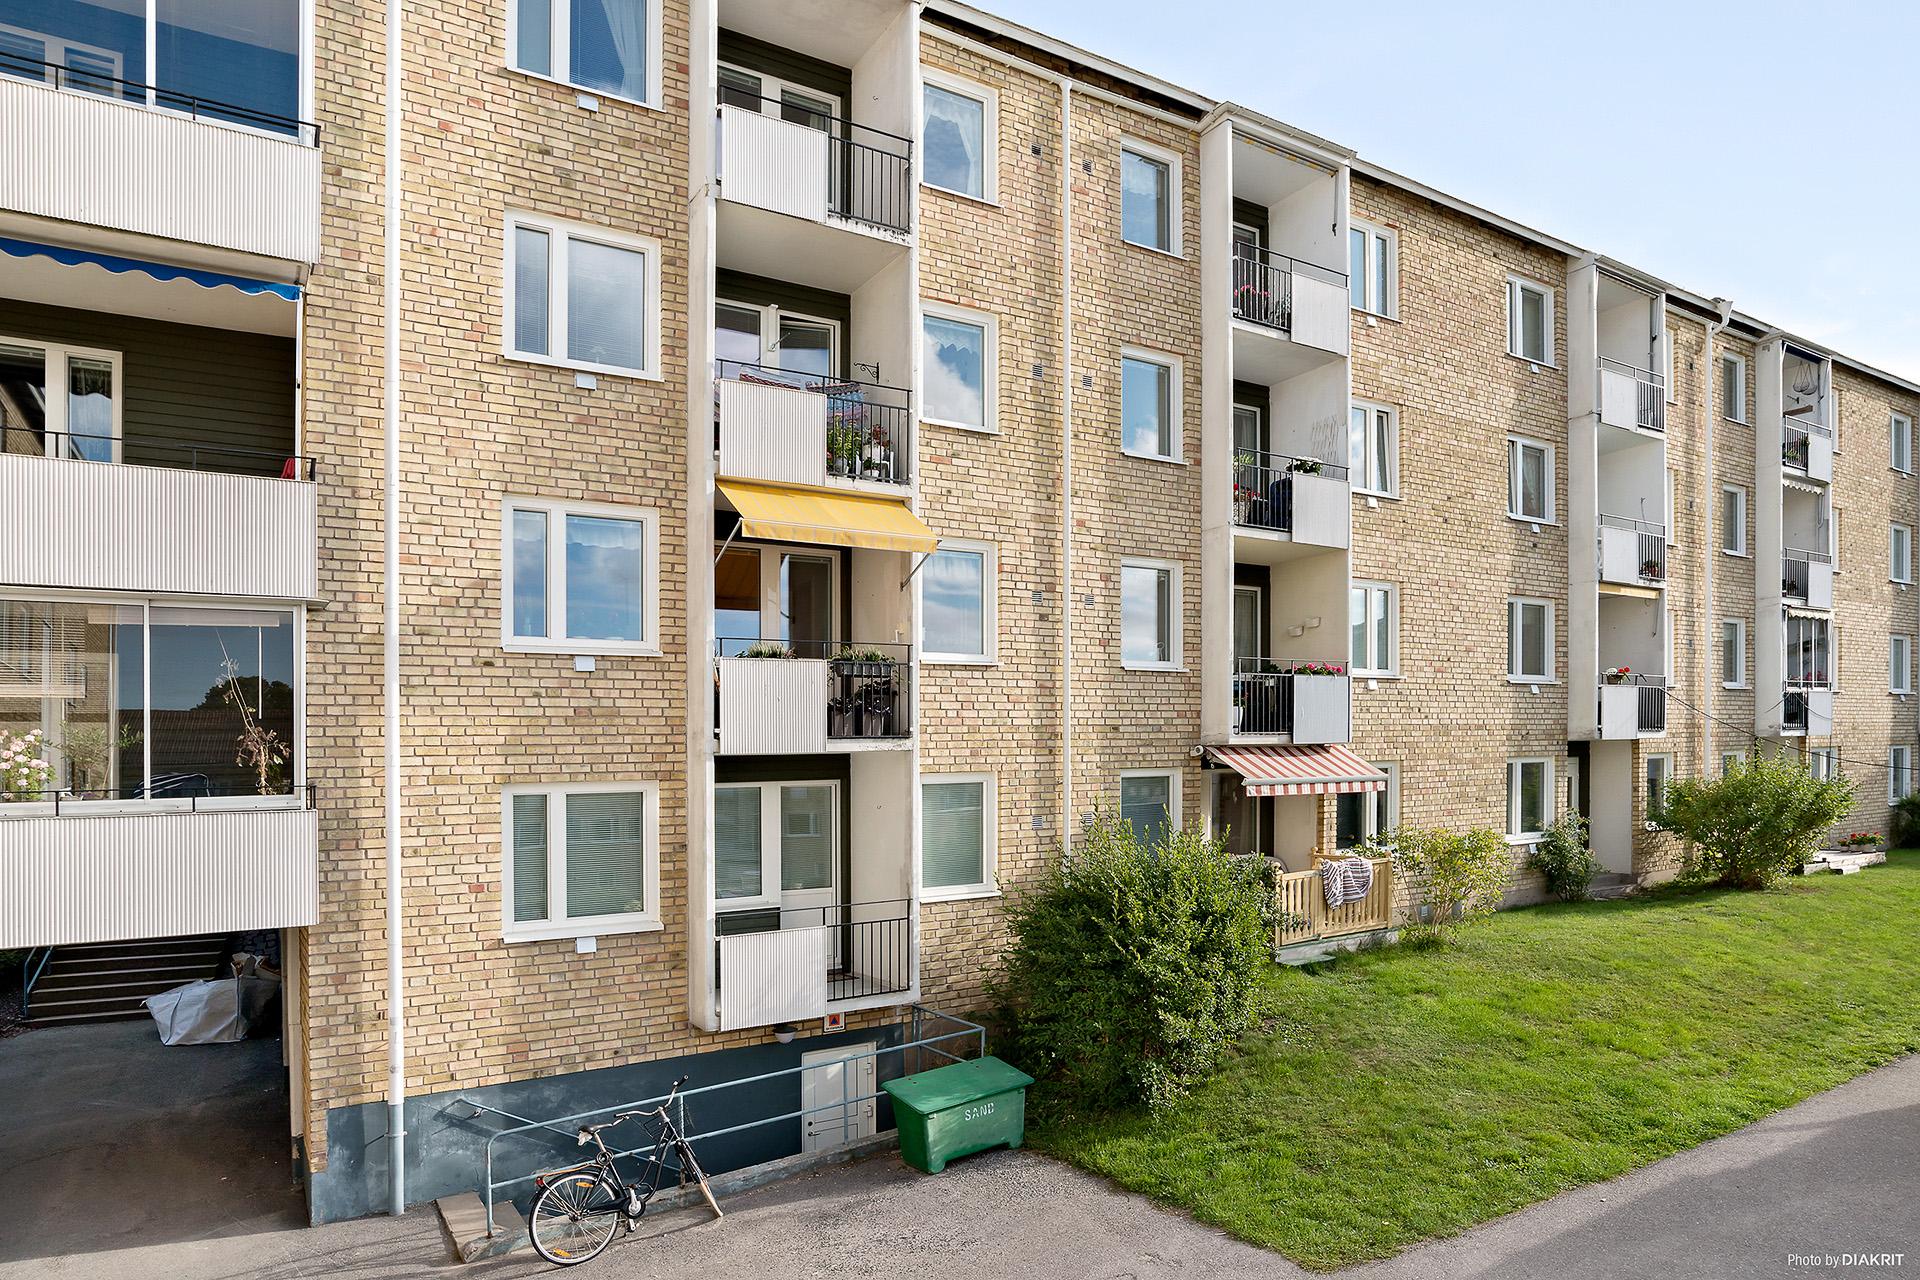 Balkongsidan där balkong som hör till bostaden har den gula markisen.